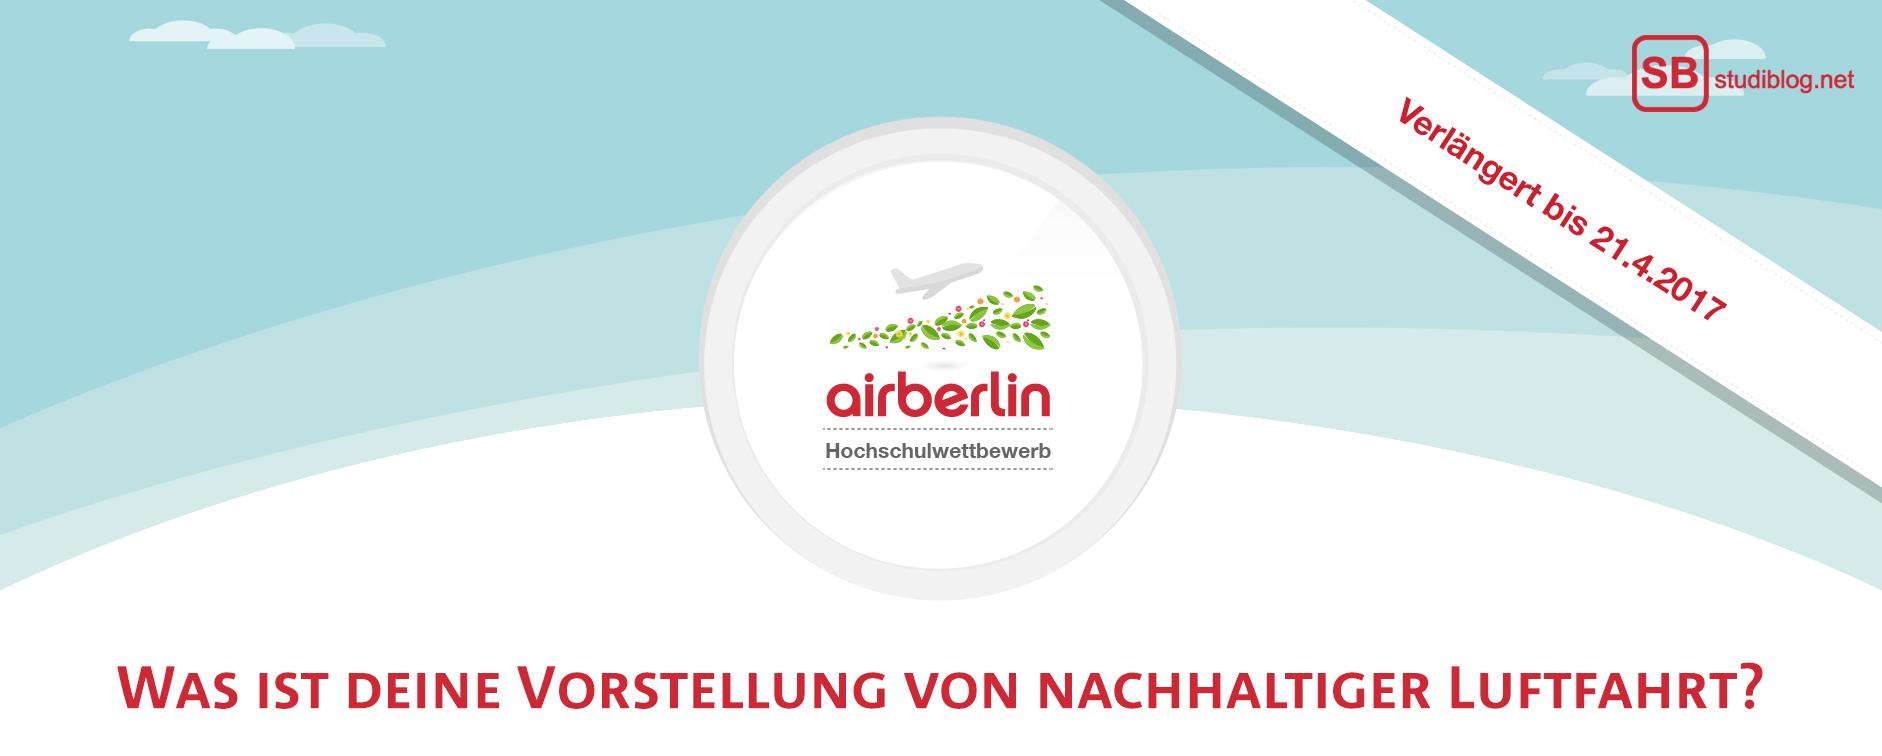 """Wettbewerb airberlin: """"Was ist deine Vorstellung von nachhaltiger Luftfahrt?"""""""